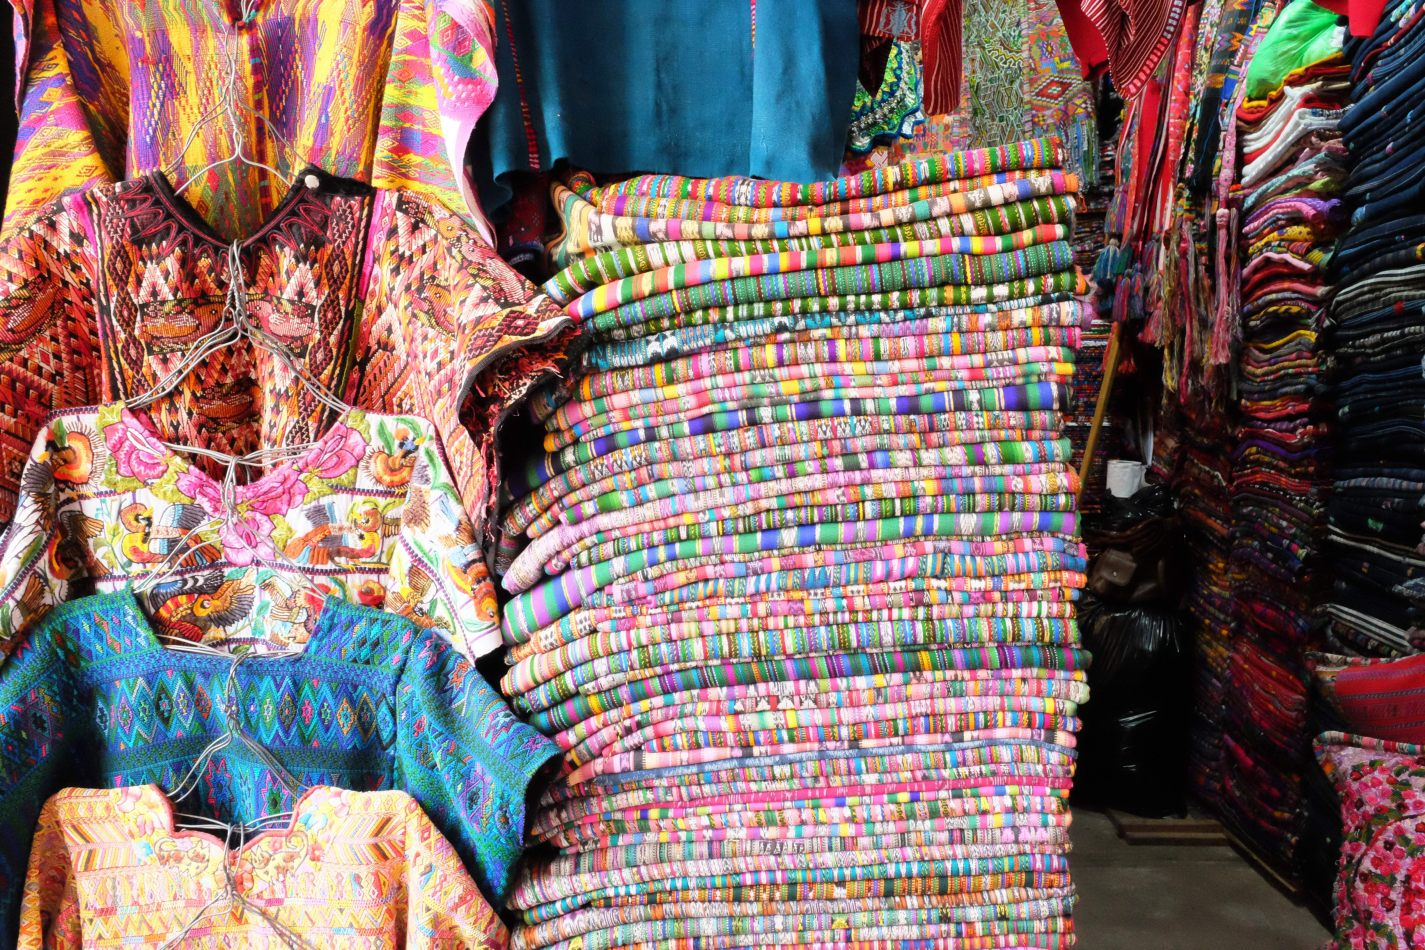 Hibiscus & Nomada : - - Artisan Market